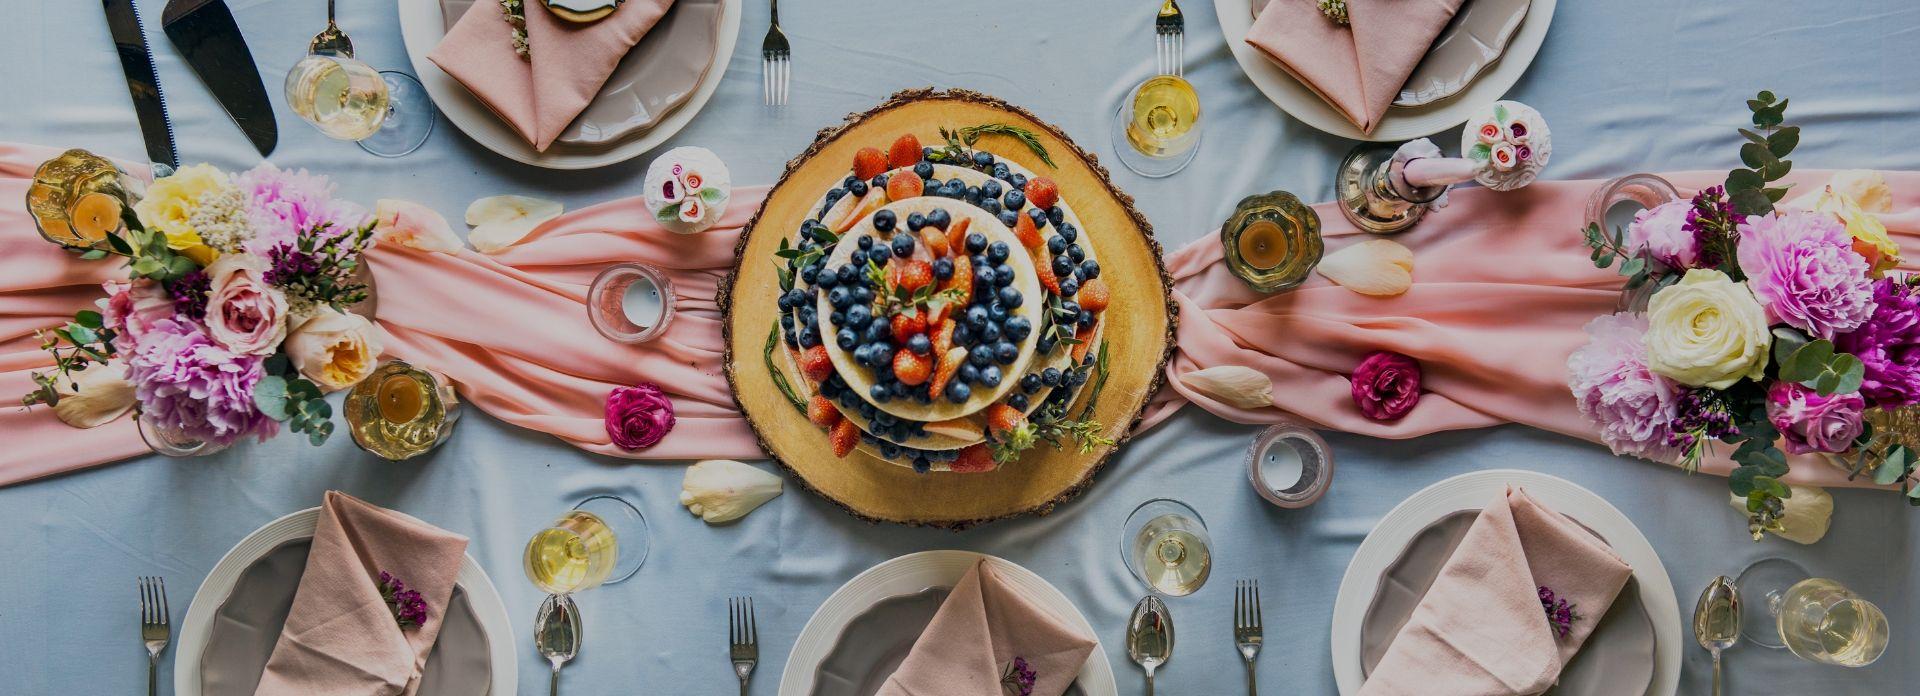 De perfecte catering voor uw bruiloft